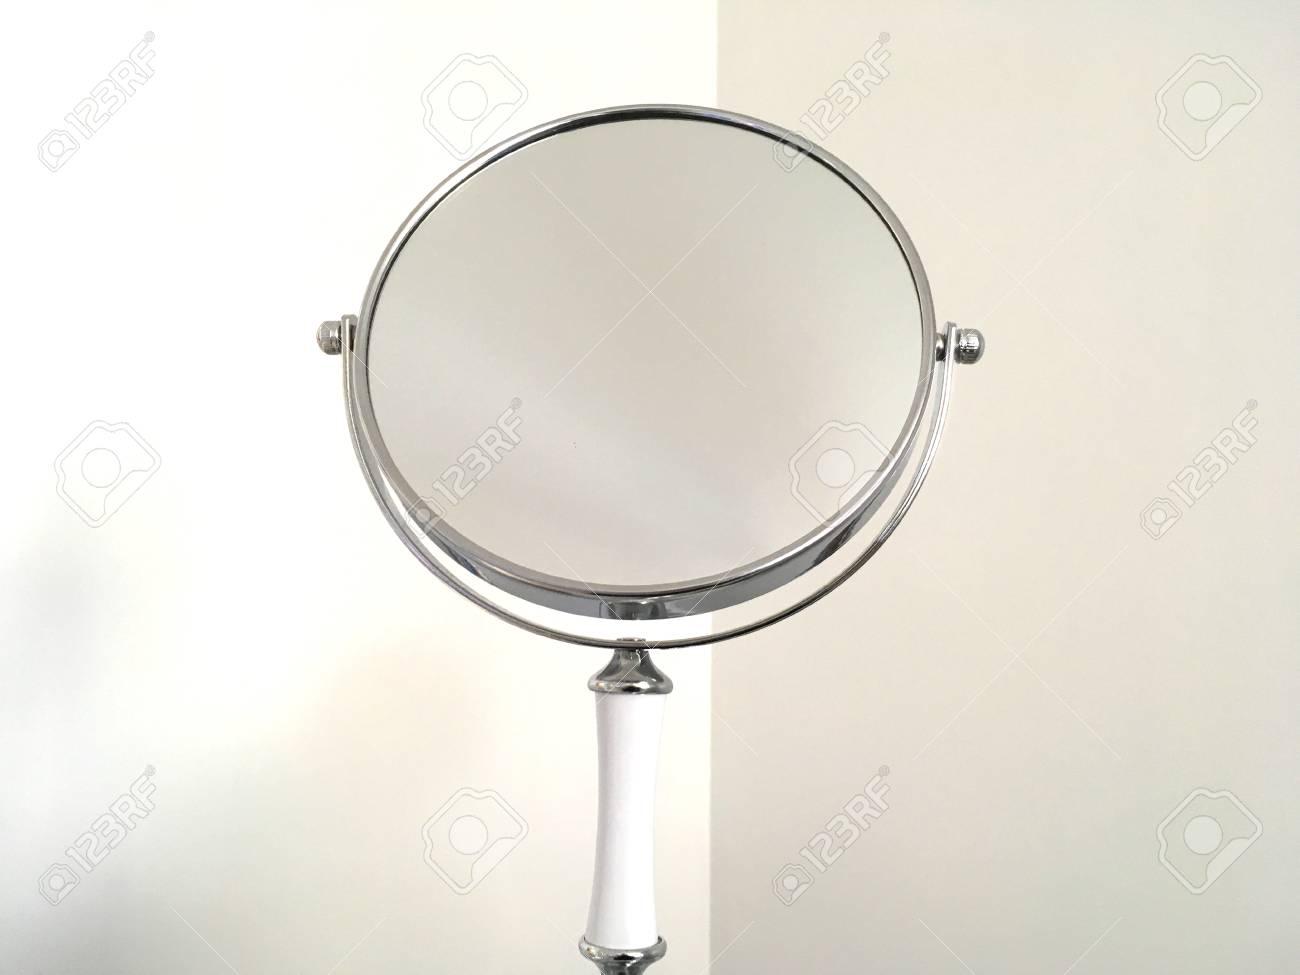 Make Up Spiegel : Silber make up spiegel mit weißem griff lizenzfreie fotos bilder